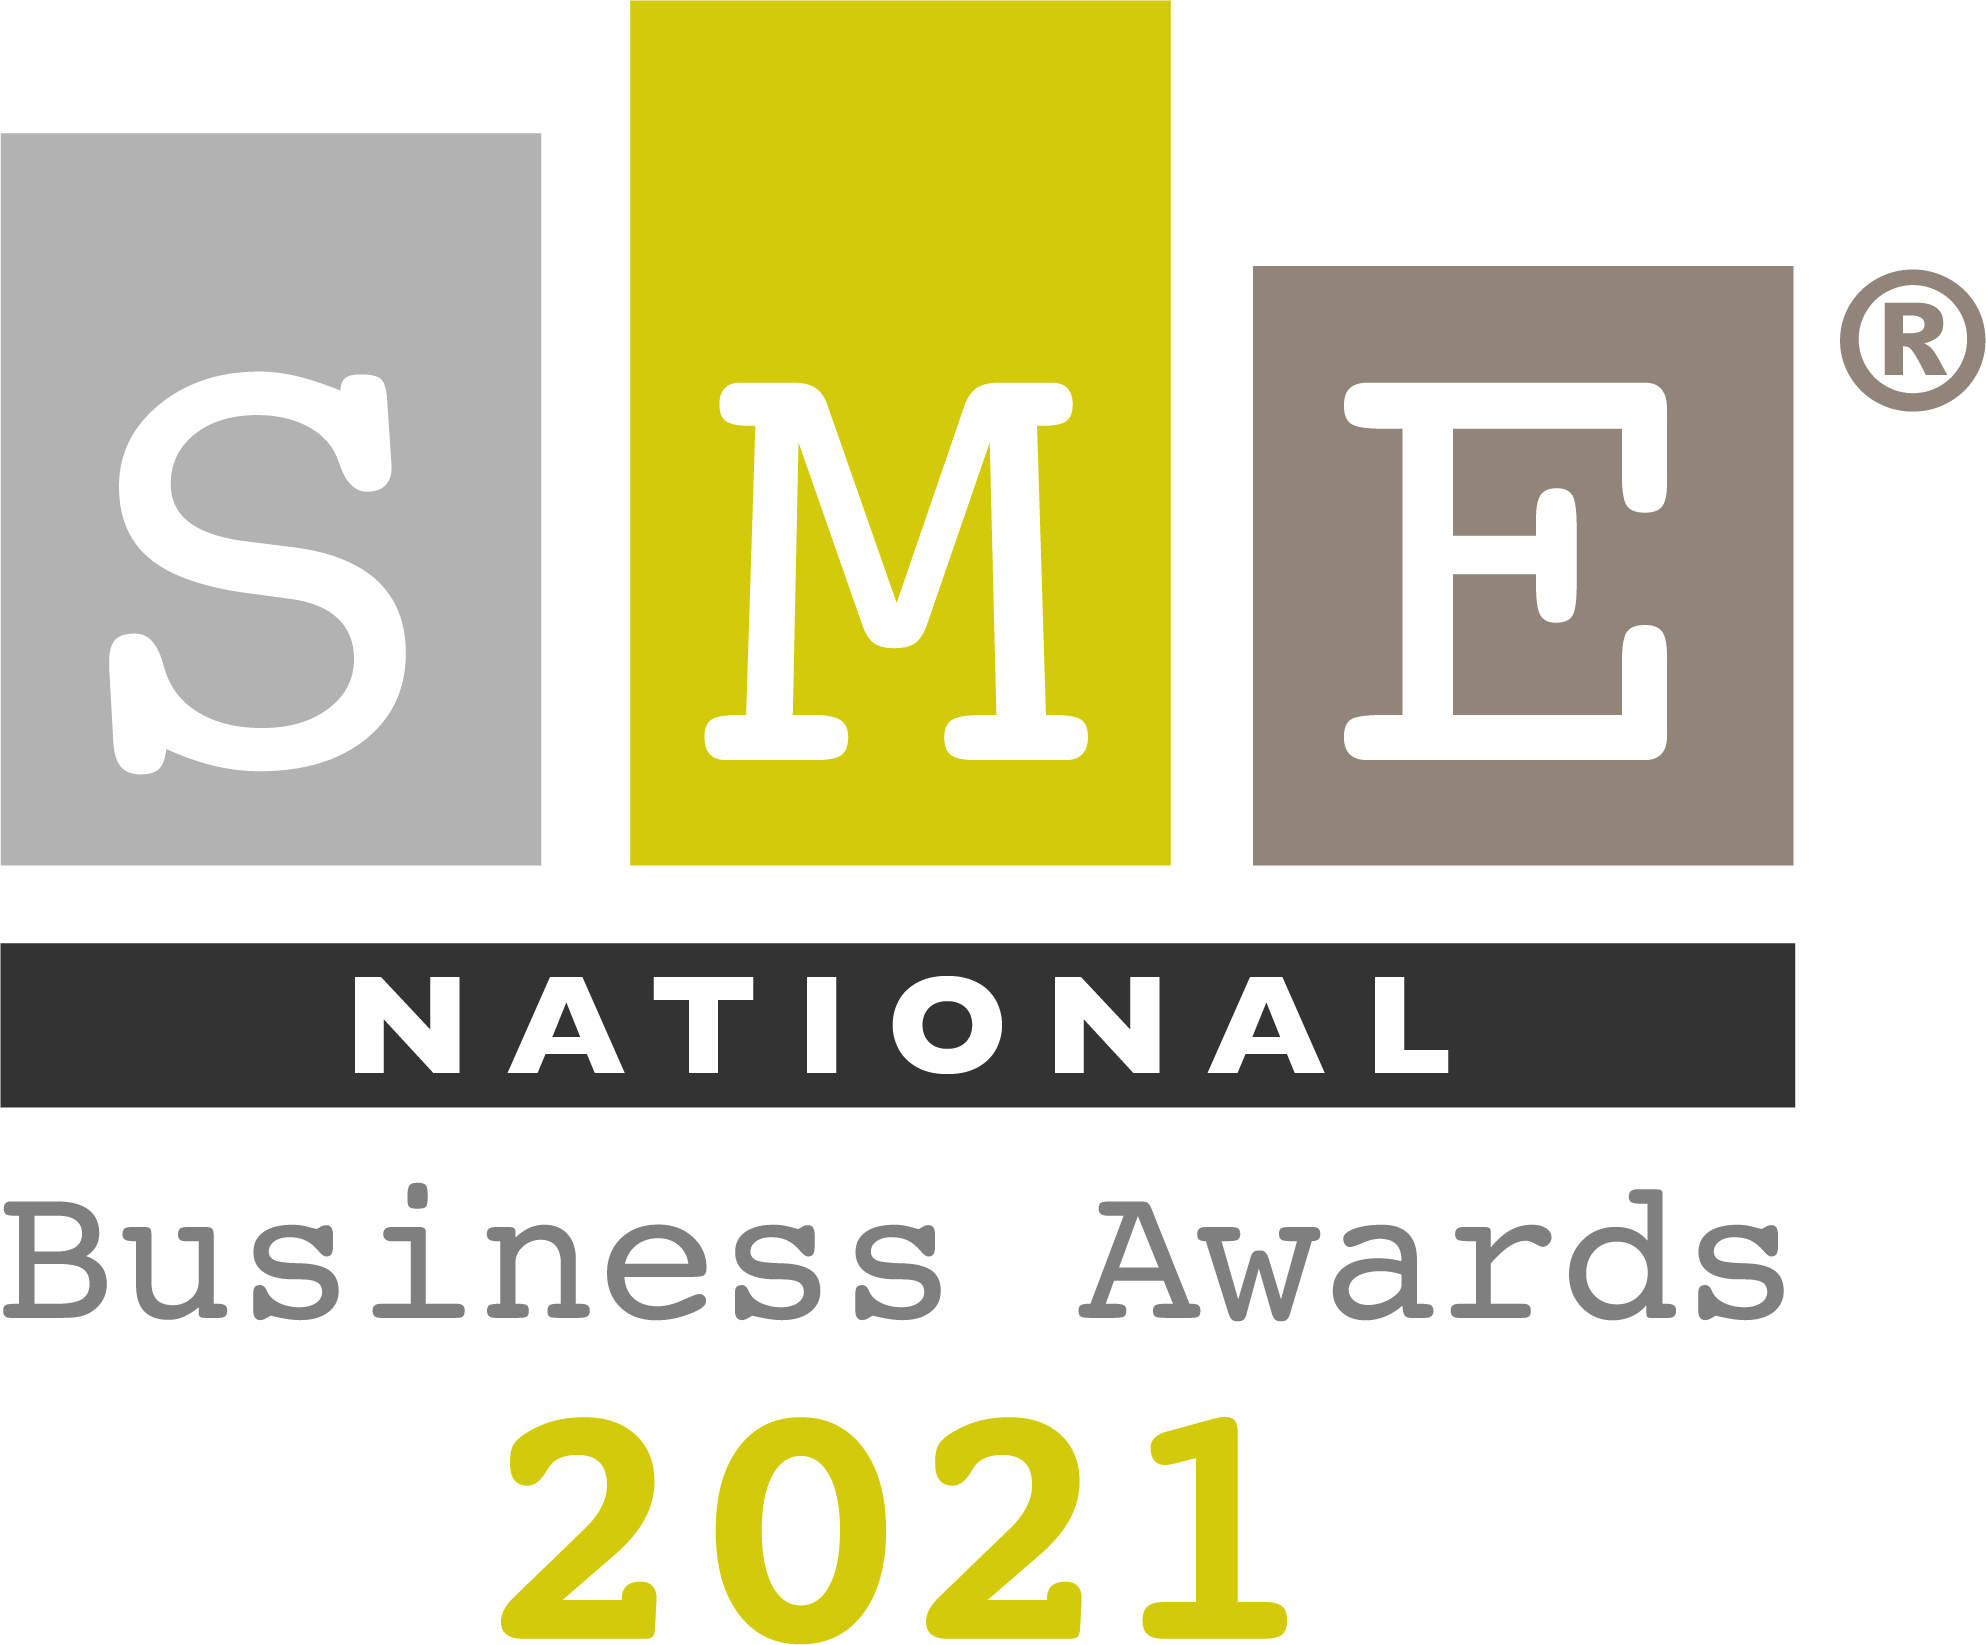 SME business awards logo